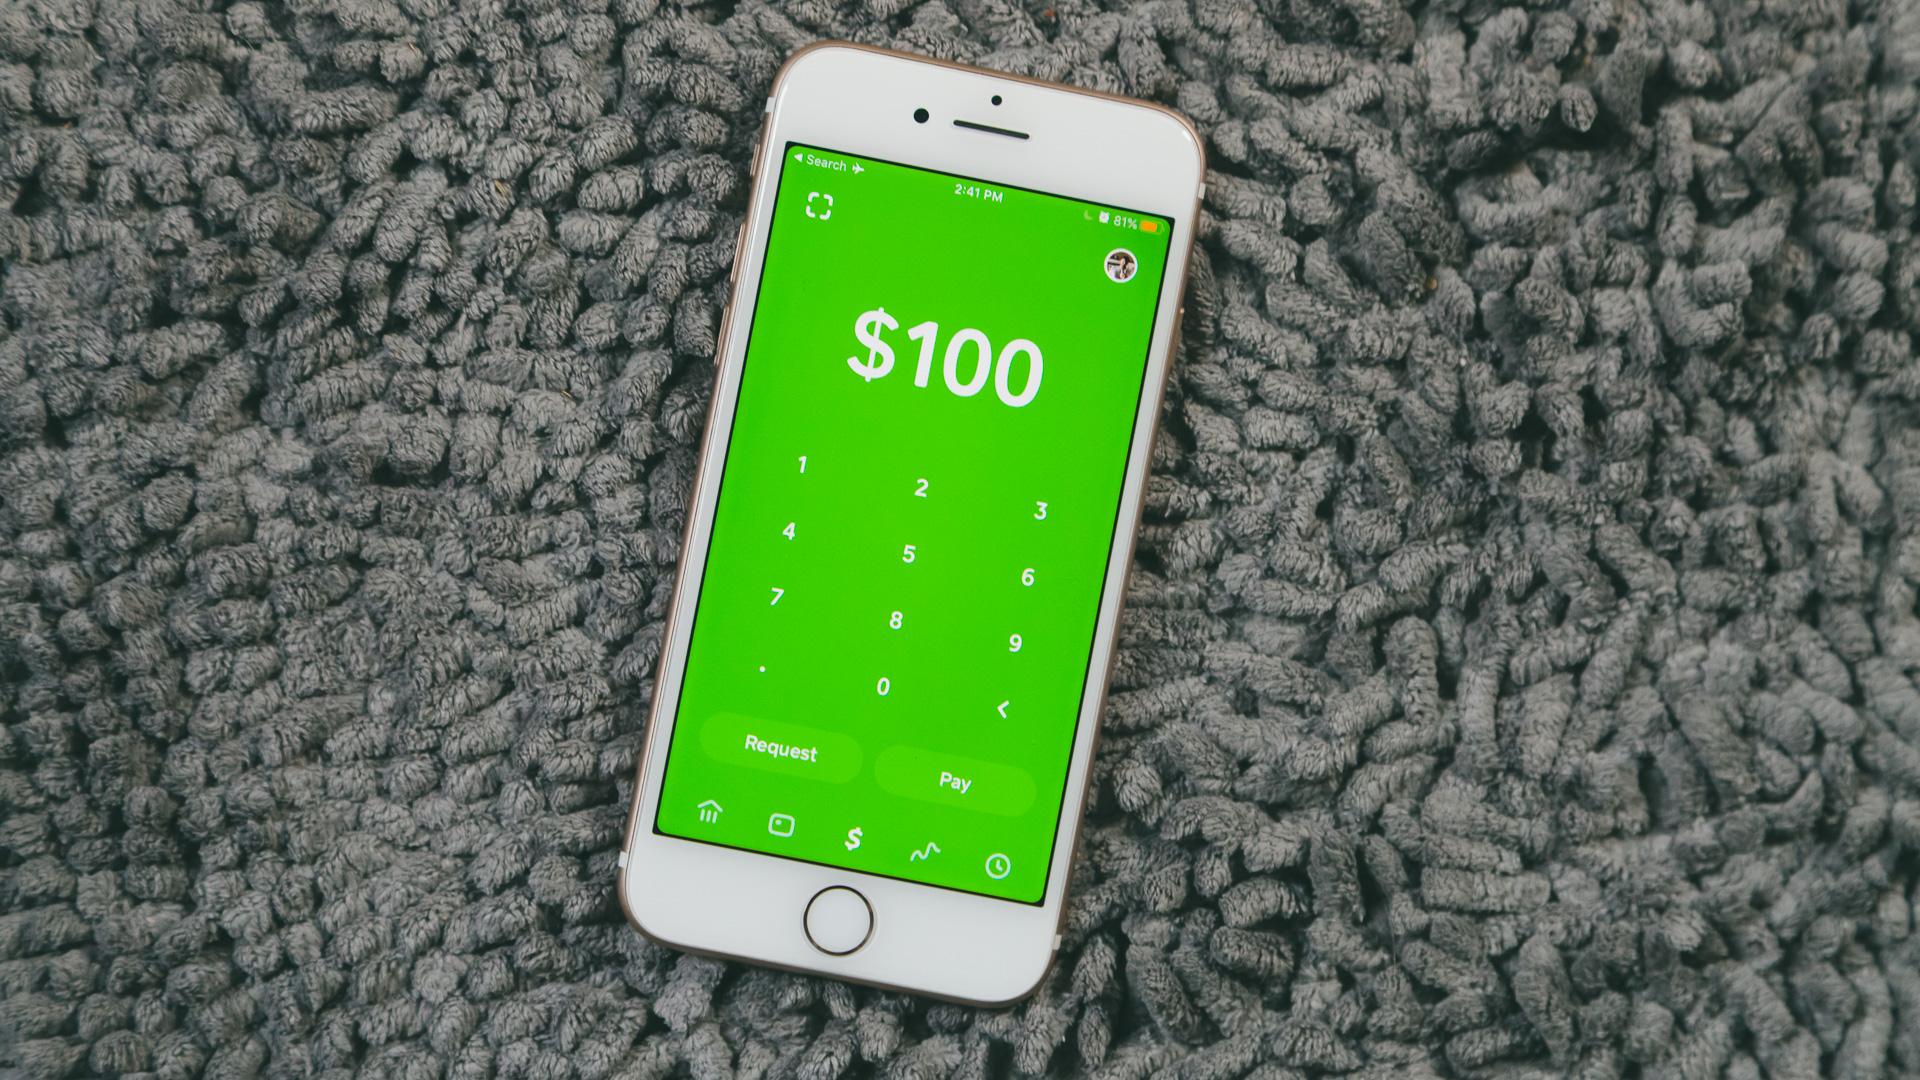 Square Cash app.